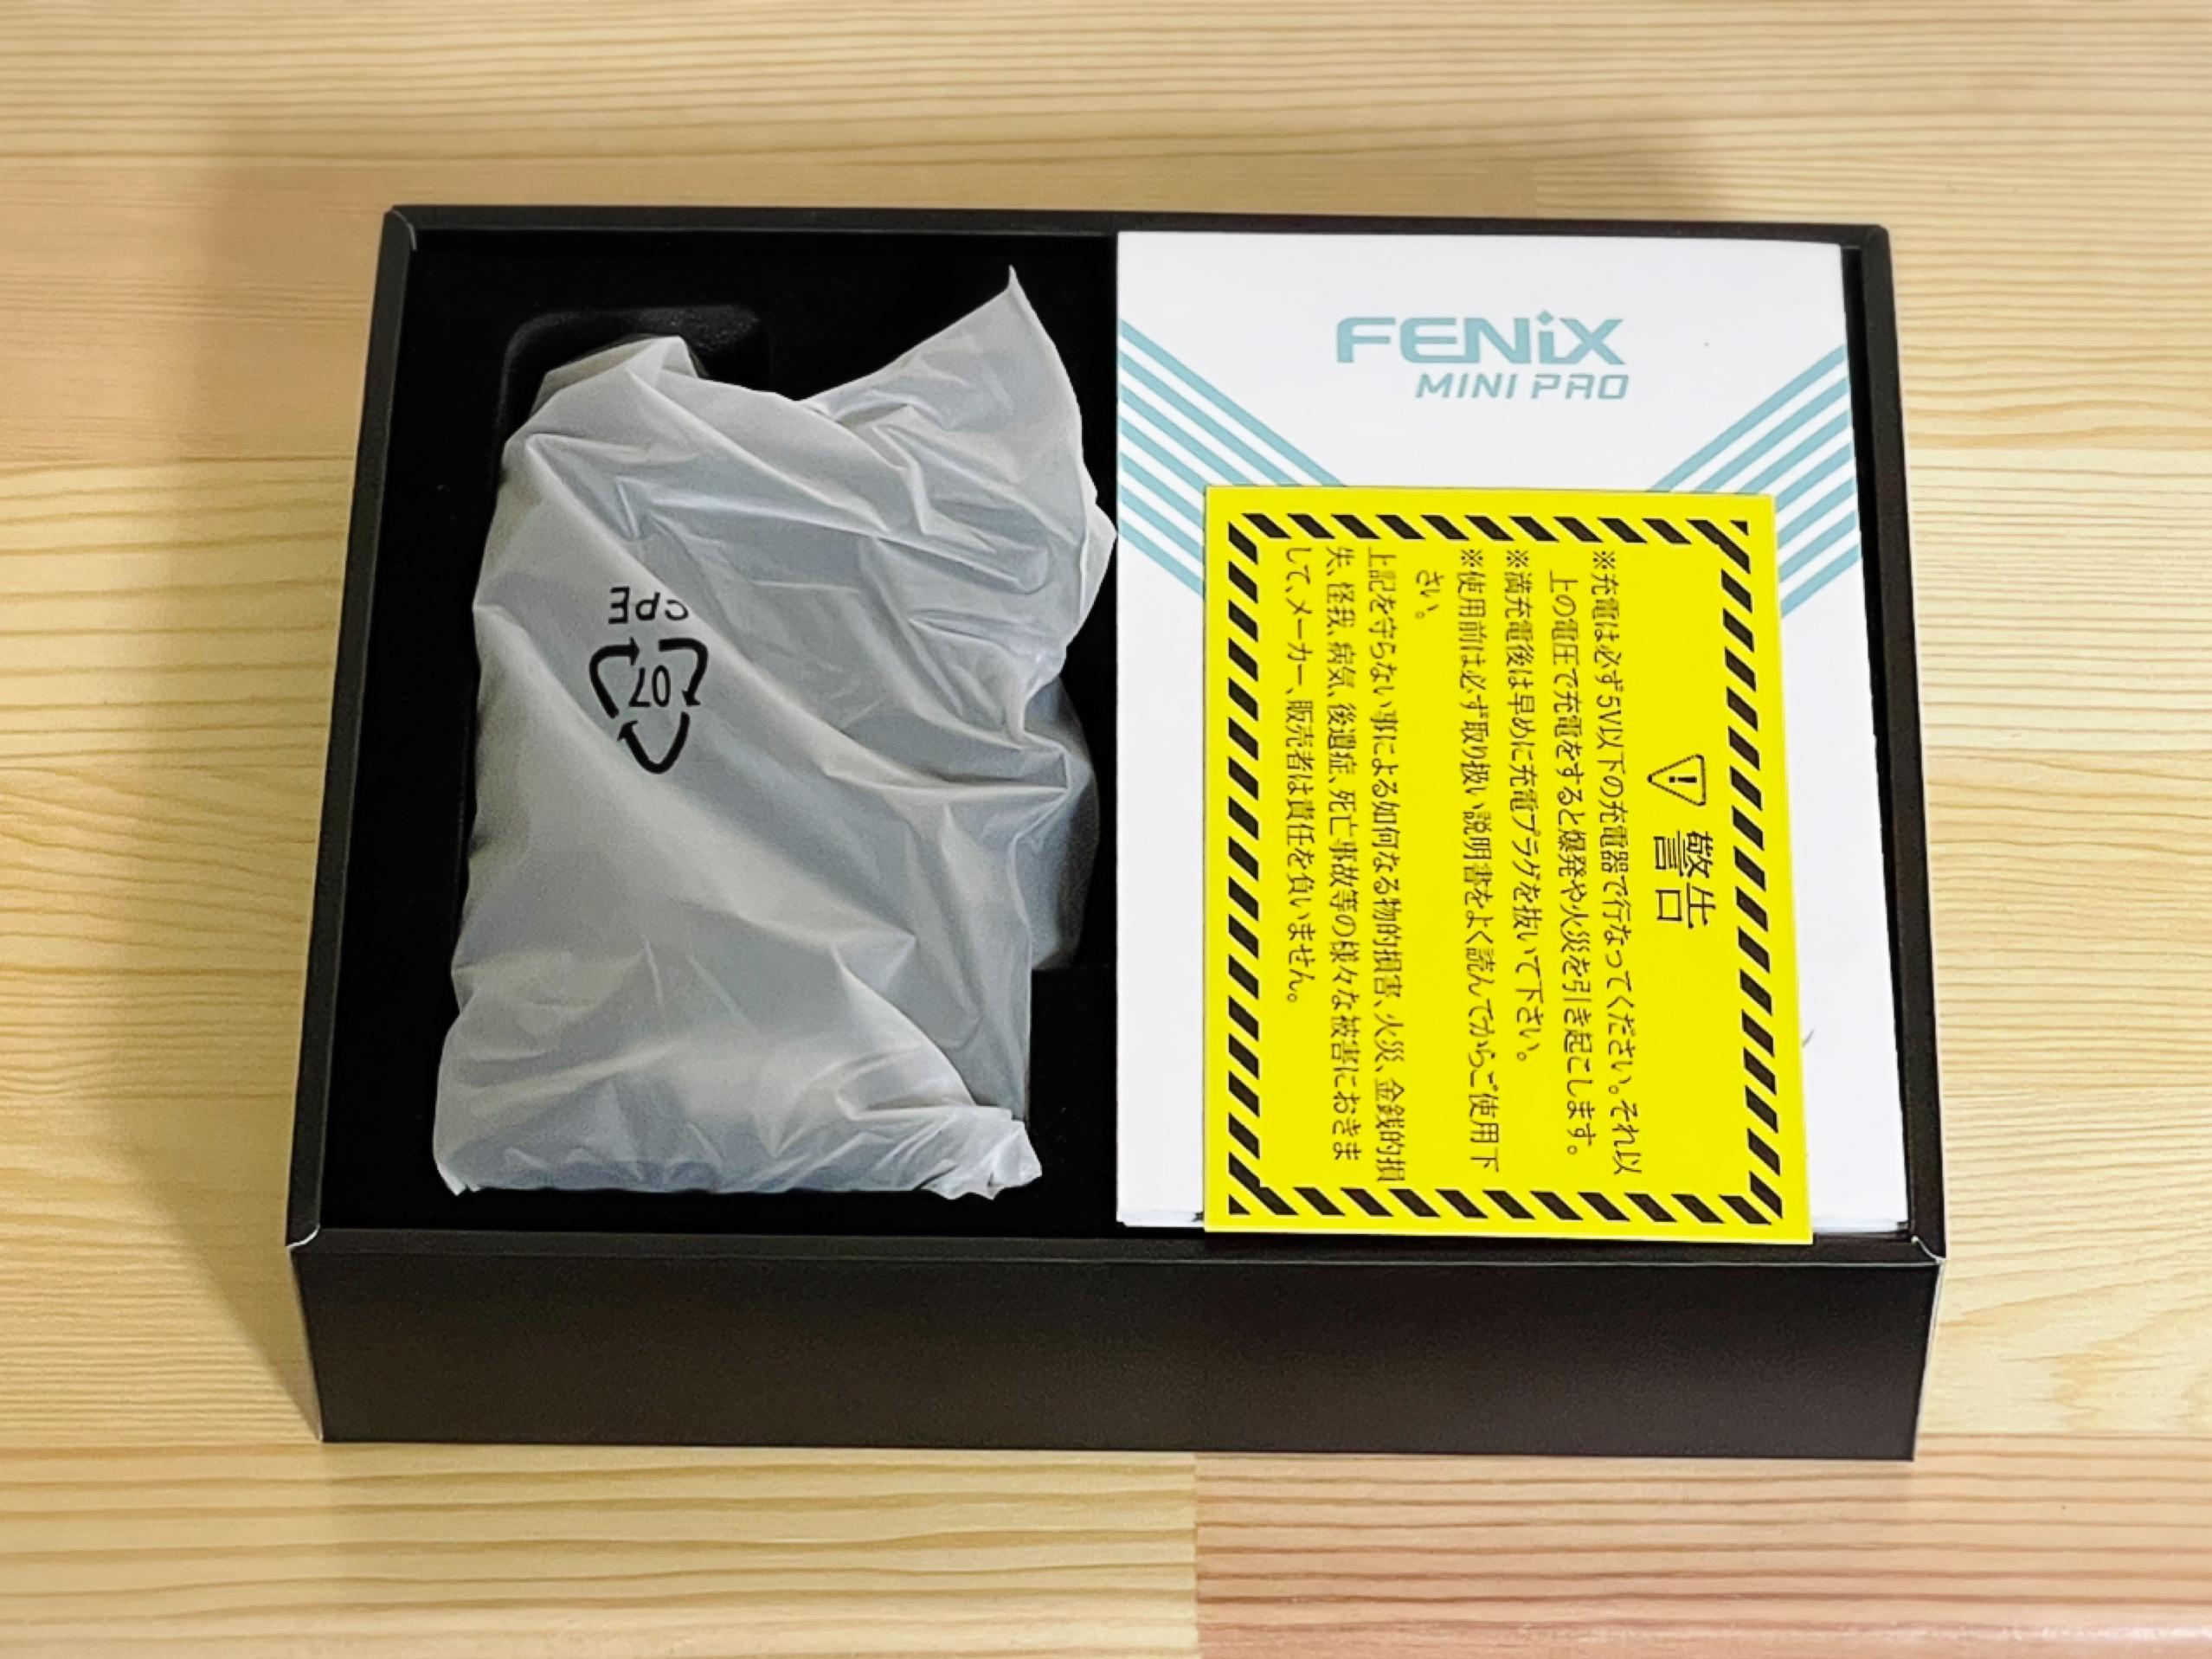 49B637D8 22C0 4CD7 BC12 B95AB5A84DCD - 【レビュー】WEECKE FENiX MINI PROをがっつりレビューしていくよ!